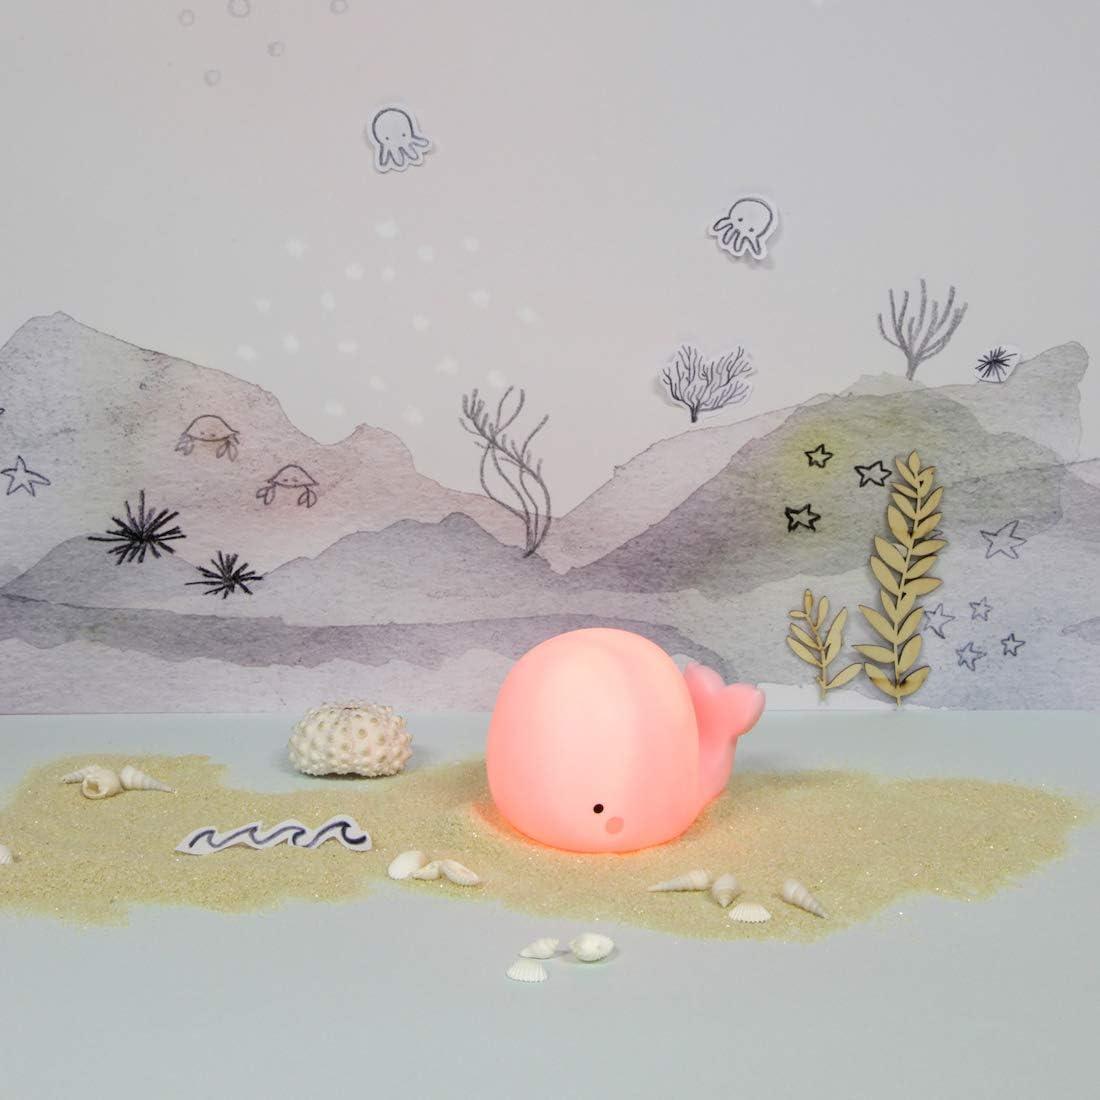 /à LED Teeny /& Tiny Veilleuse en silicone souple 200 g avec batterie pour chambre de b/éb/é et enfant